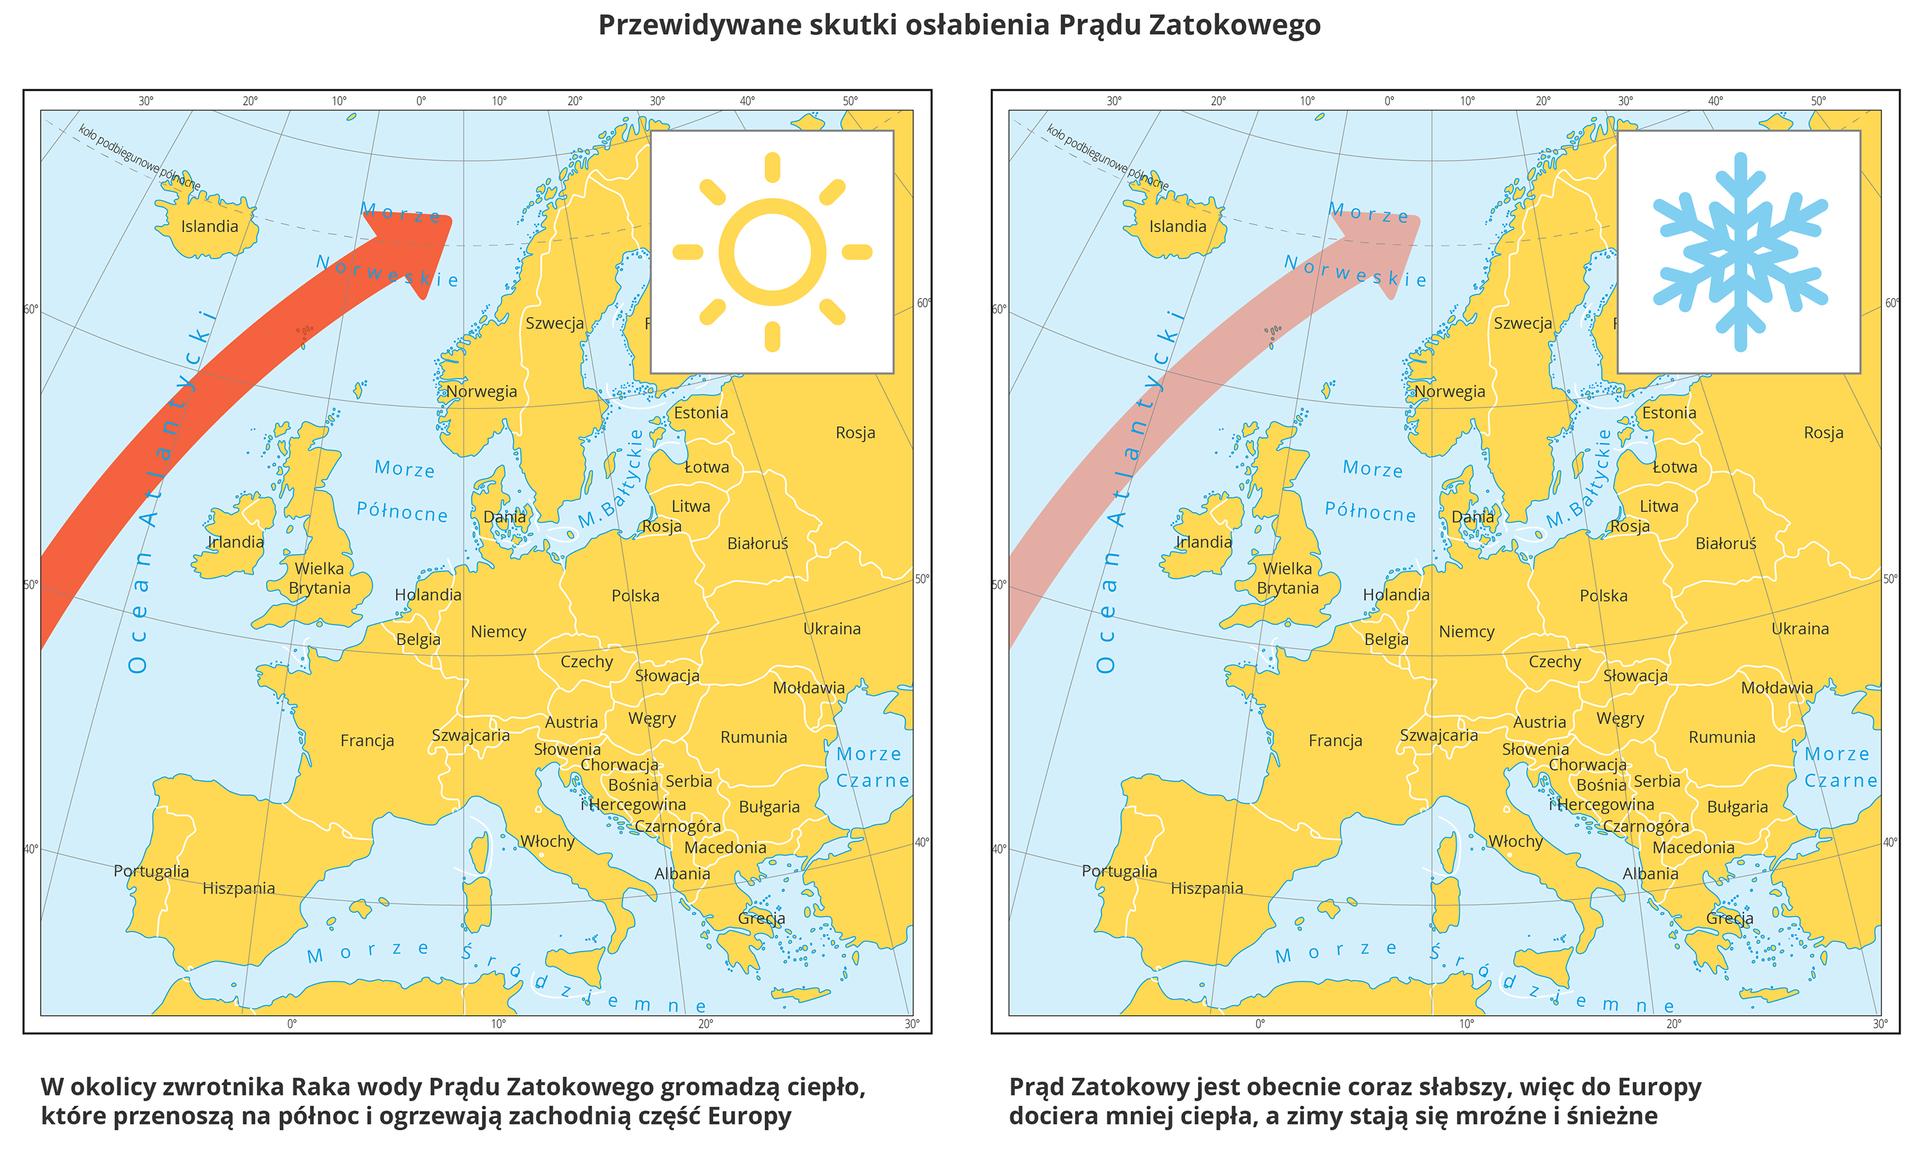 ilustracja przedstawia dwie mapy Europy. Na obu szeroka czerwona strzałka oznacza Prąd Zatokowy. Po lewej na mapie symbol słońca. Opis: wokolicy Zwrotnika Raka wody Prądu Zatokowego gromadzą ciepło, które przenoszą na północ iogrzewają zachodnią część Europy. Druga mapa ma symbol płatka śniegu. Opis: Prąd Zatokowy jest obecnie coraz słabszy, więc do Europy dociera mniej ciepła, azimy stają się mroźne iśnieżne.